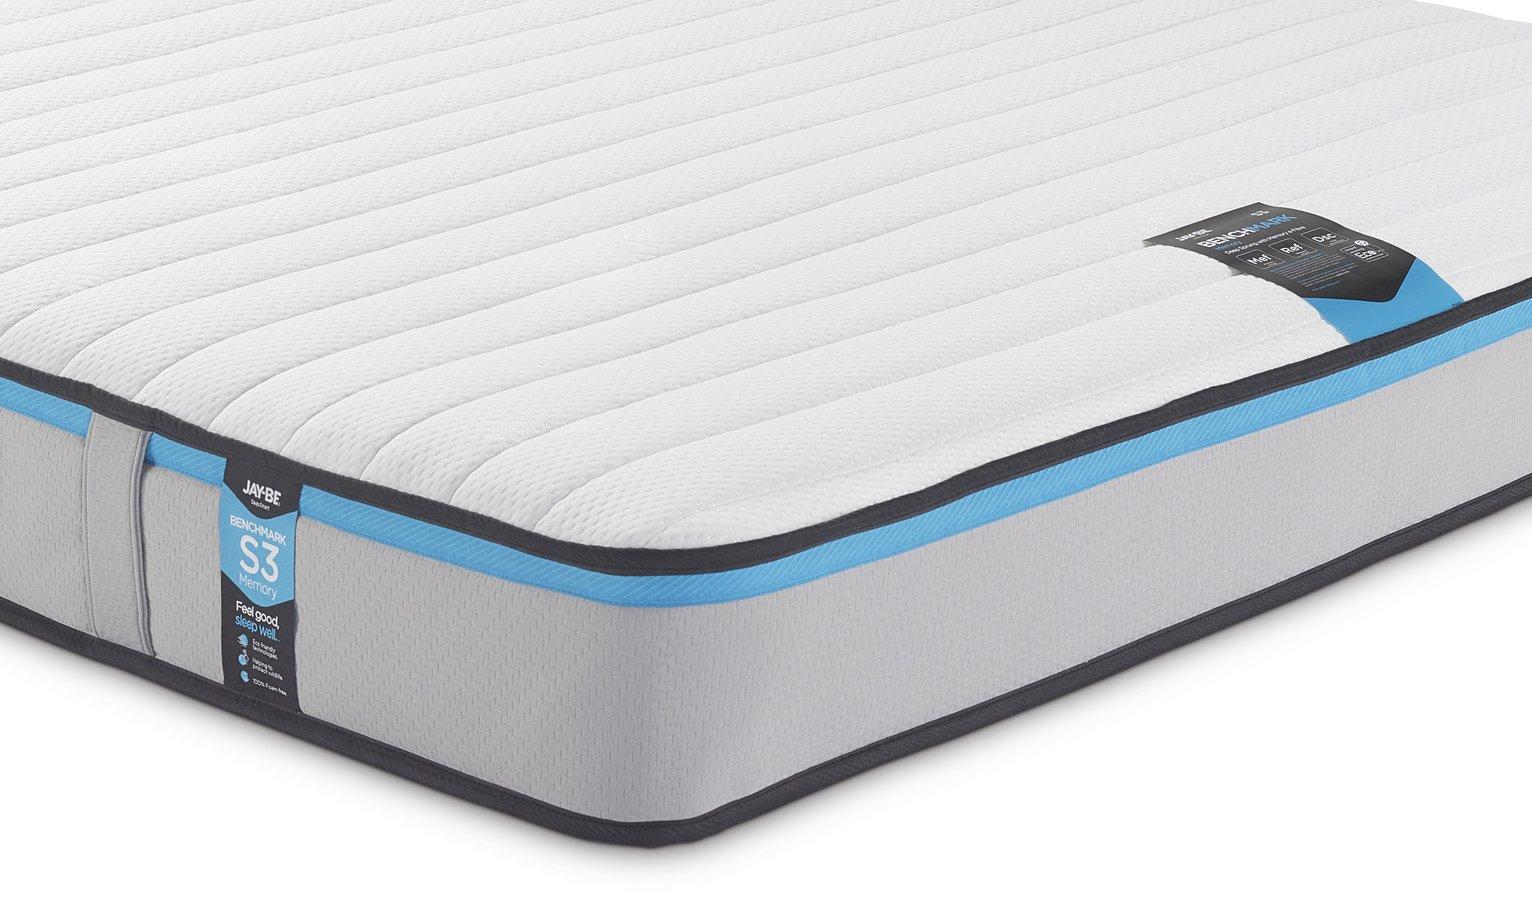 Jay-Be Benchmark S3 Memory Eco Friendly Sml Double Mattress